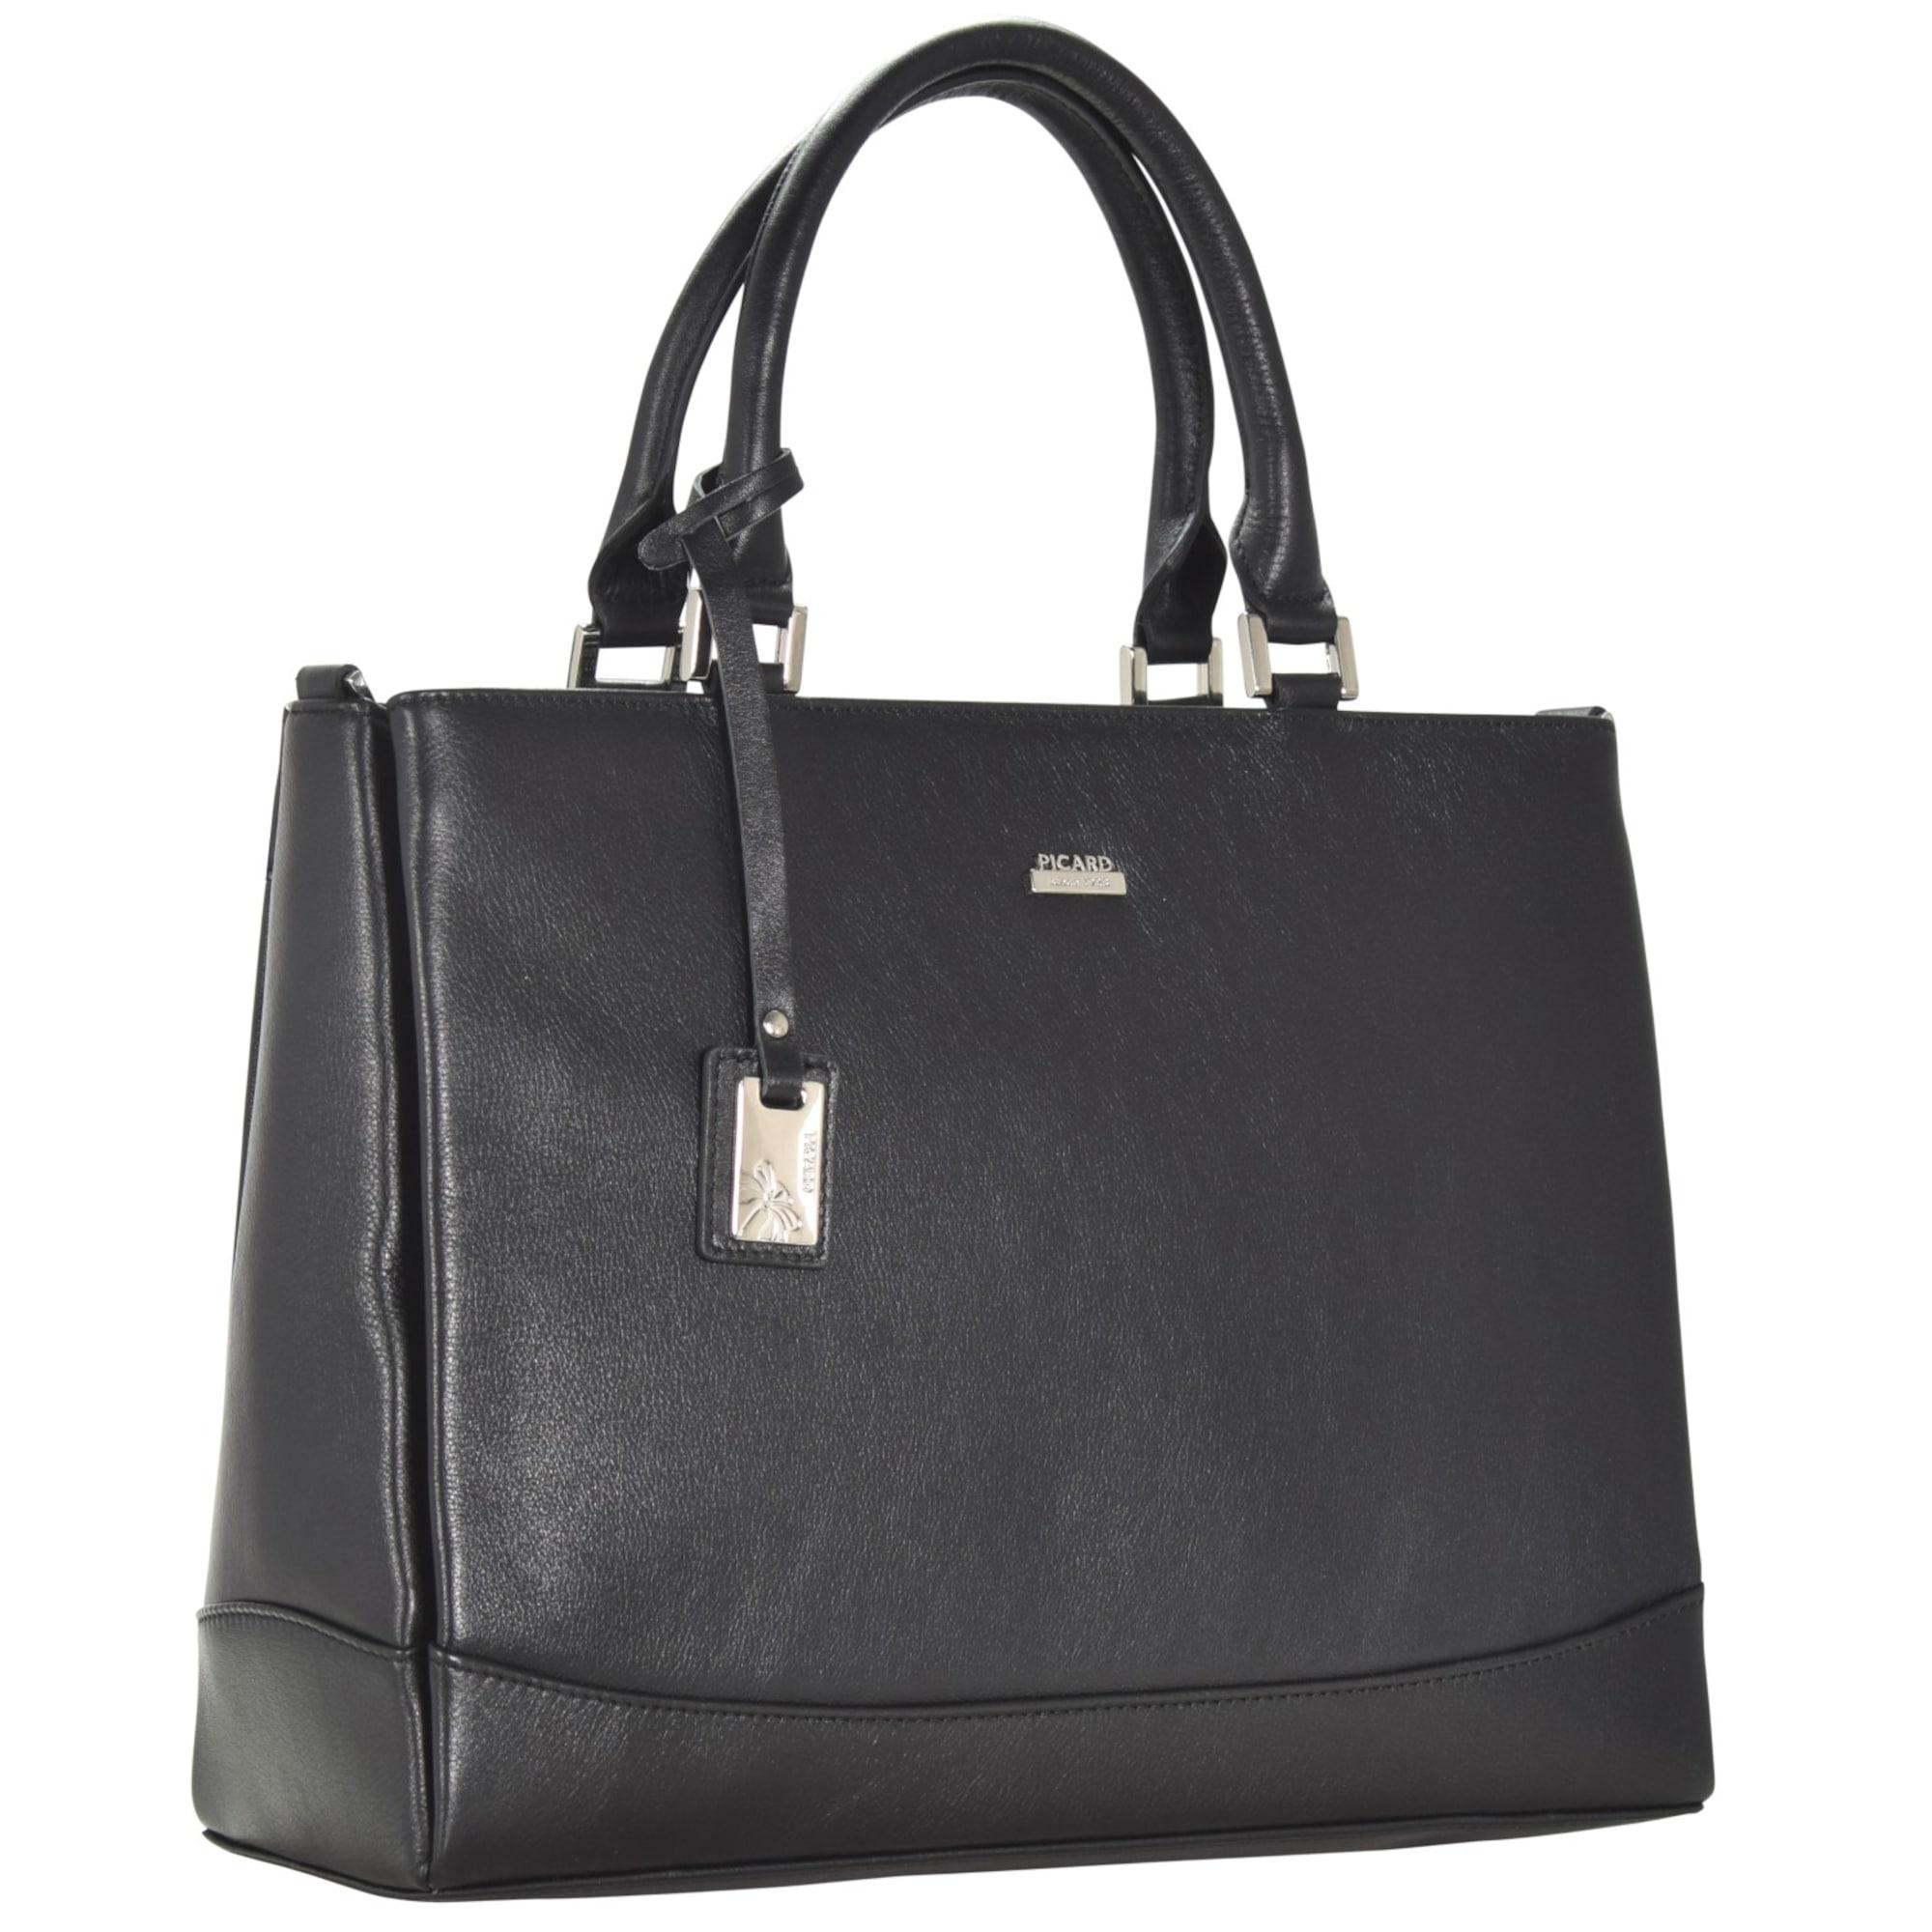 Henkeltasche  33 cm | Taschen > Handtaschen > Henkeltaschen | Picard